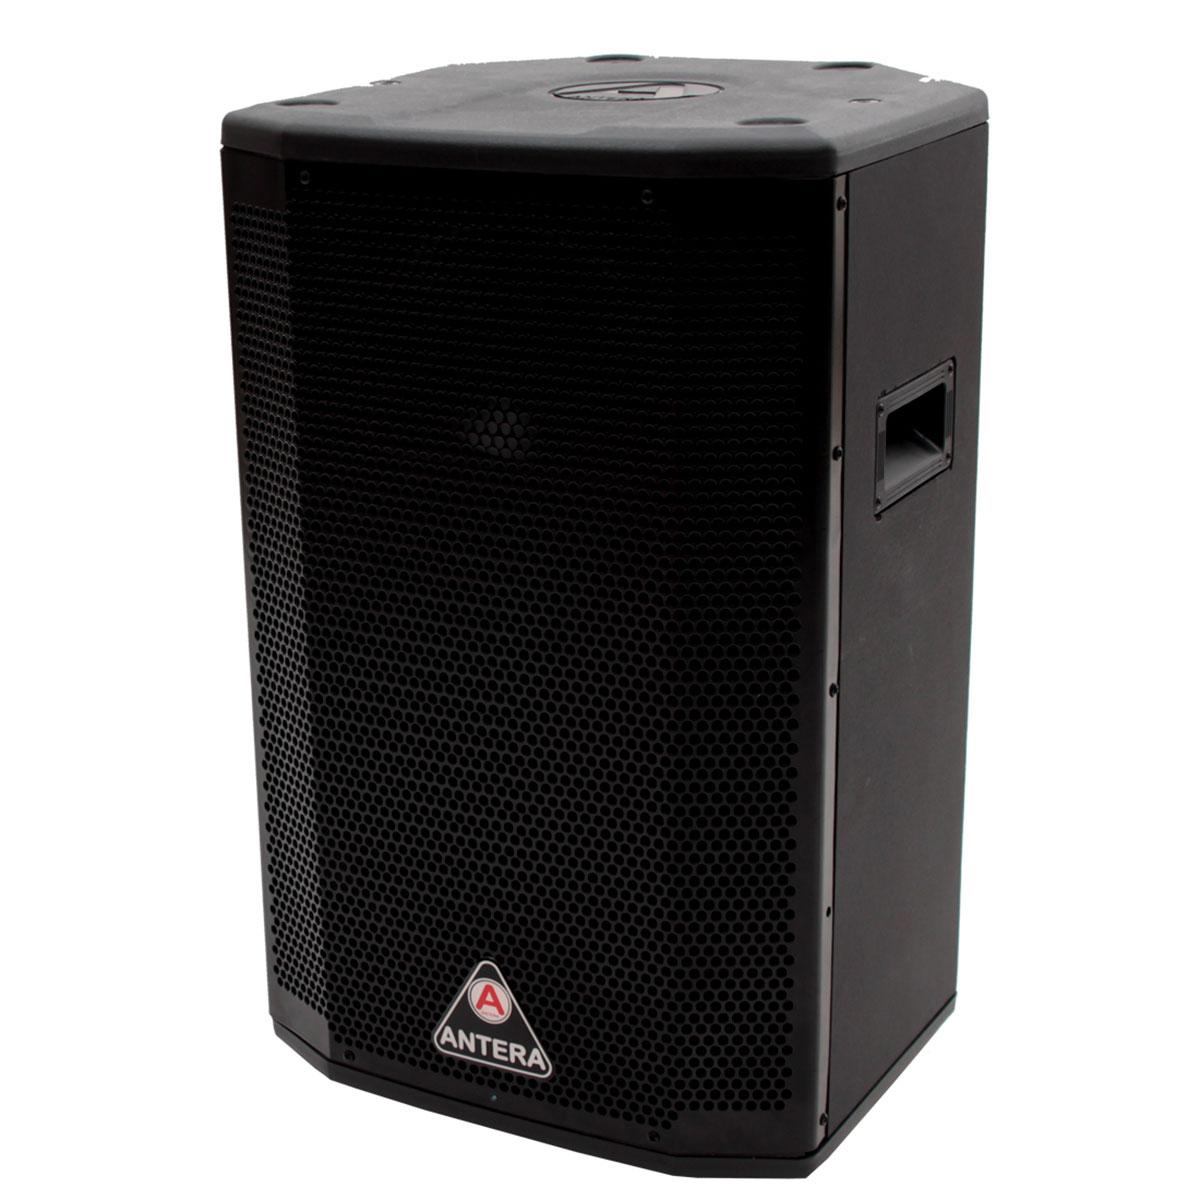 SC15A - Caixa Ativa 200W Preta c/ Player USB SC 15A - Antera